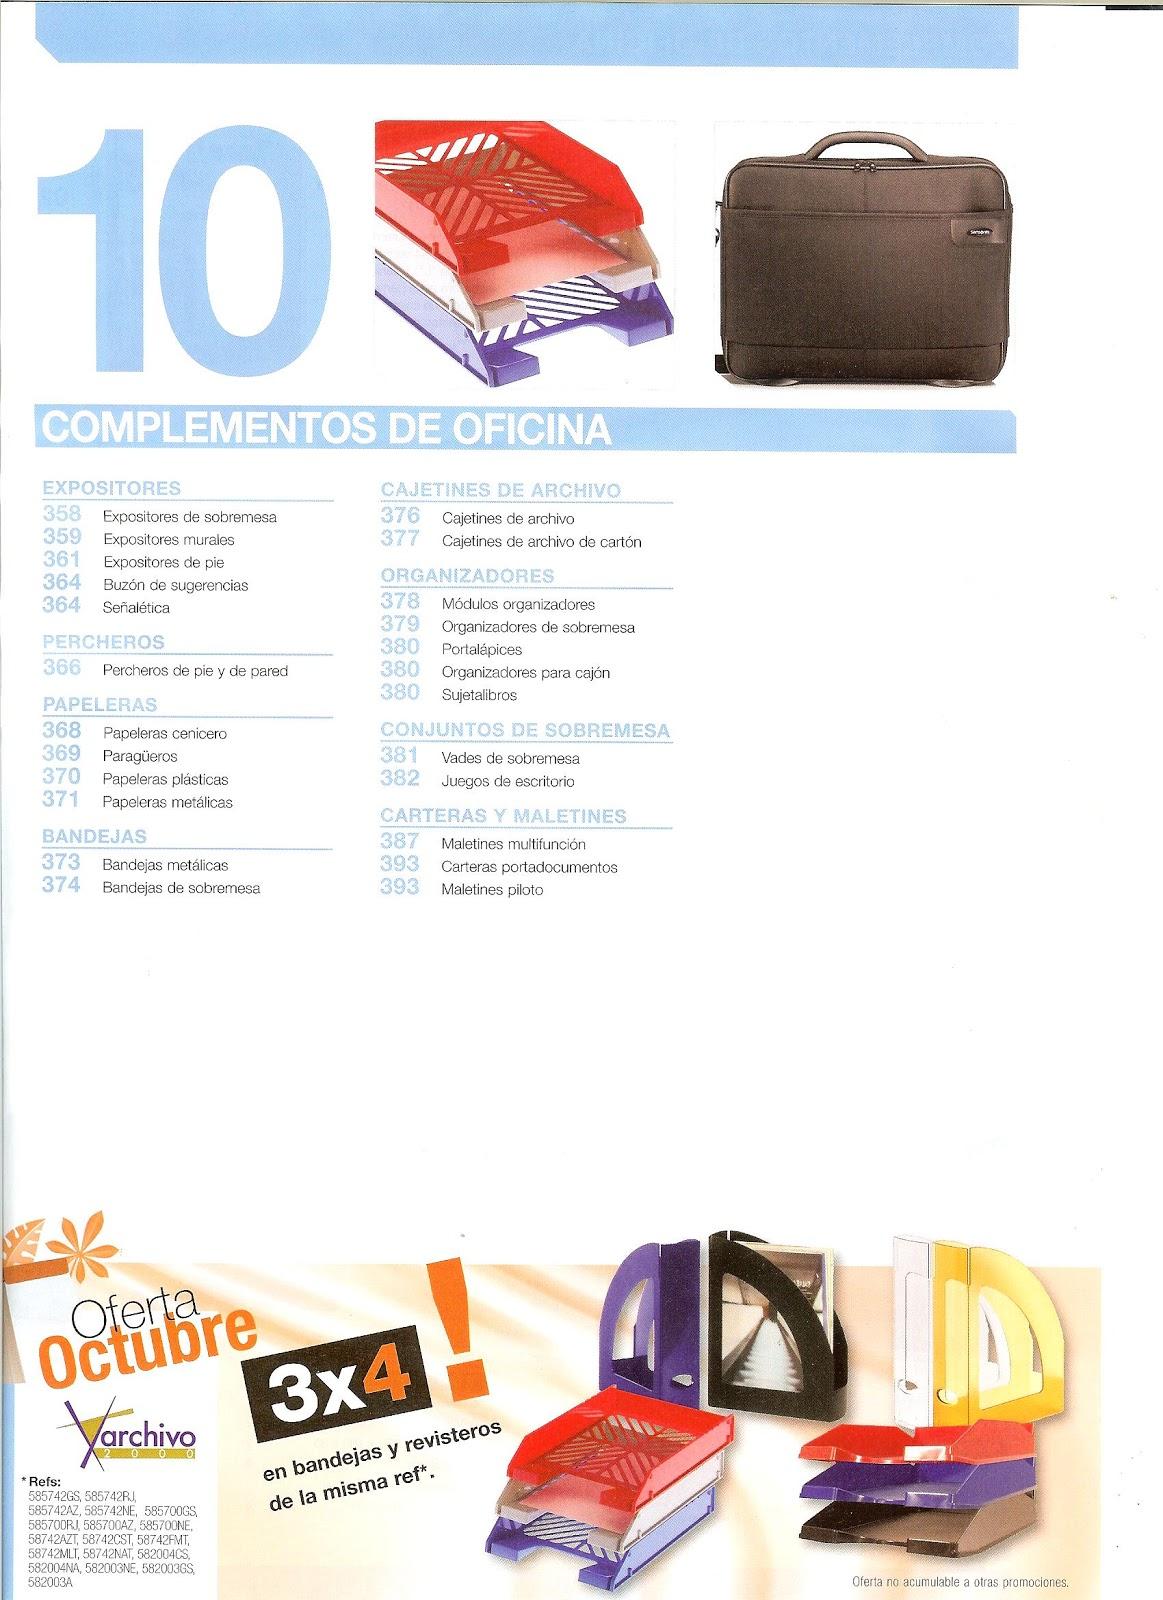 Papergan 10 complementos de oficina for Complementos de oficina